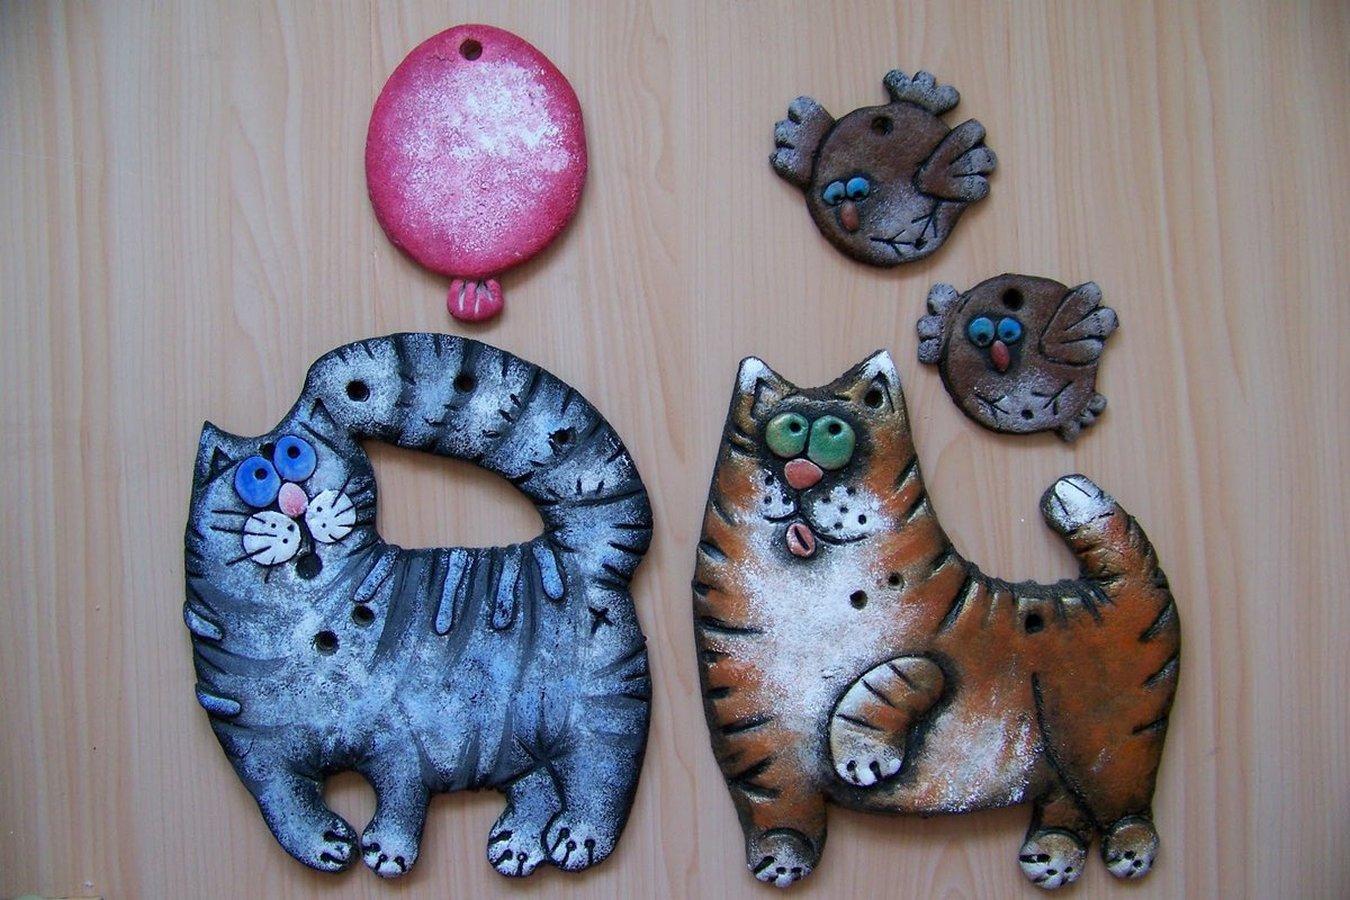 Как сделать поделку кота из солёного теста: принципы и основные способы, пошаговый мастер-класс